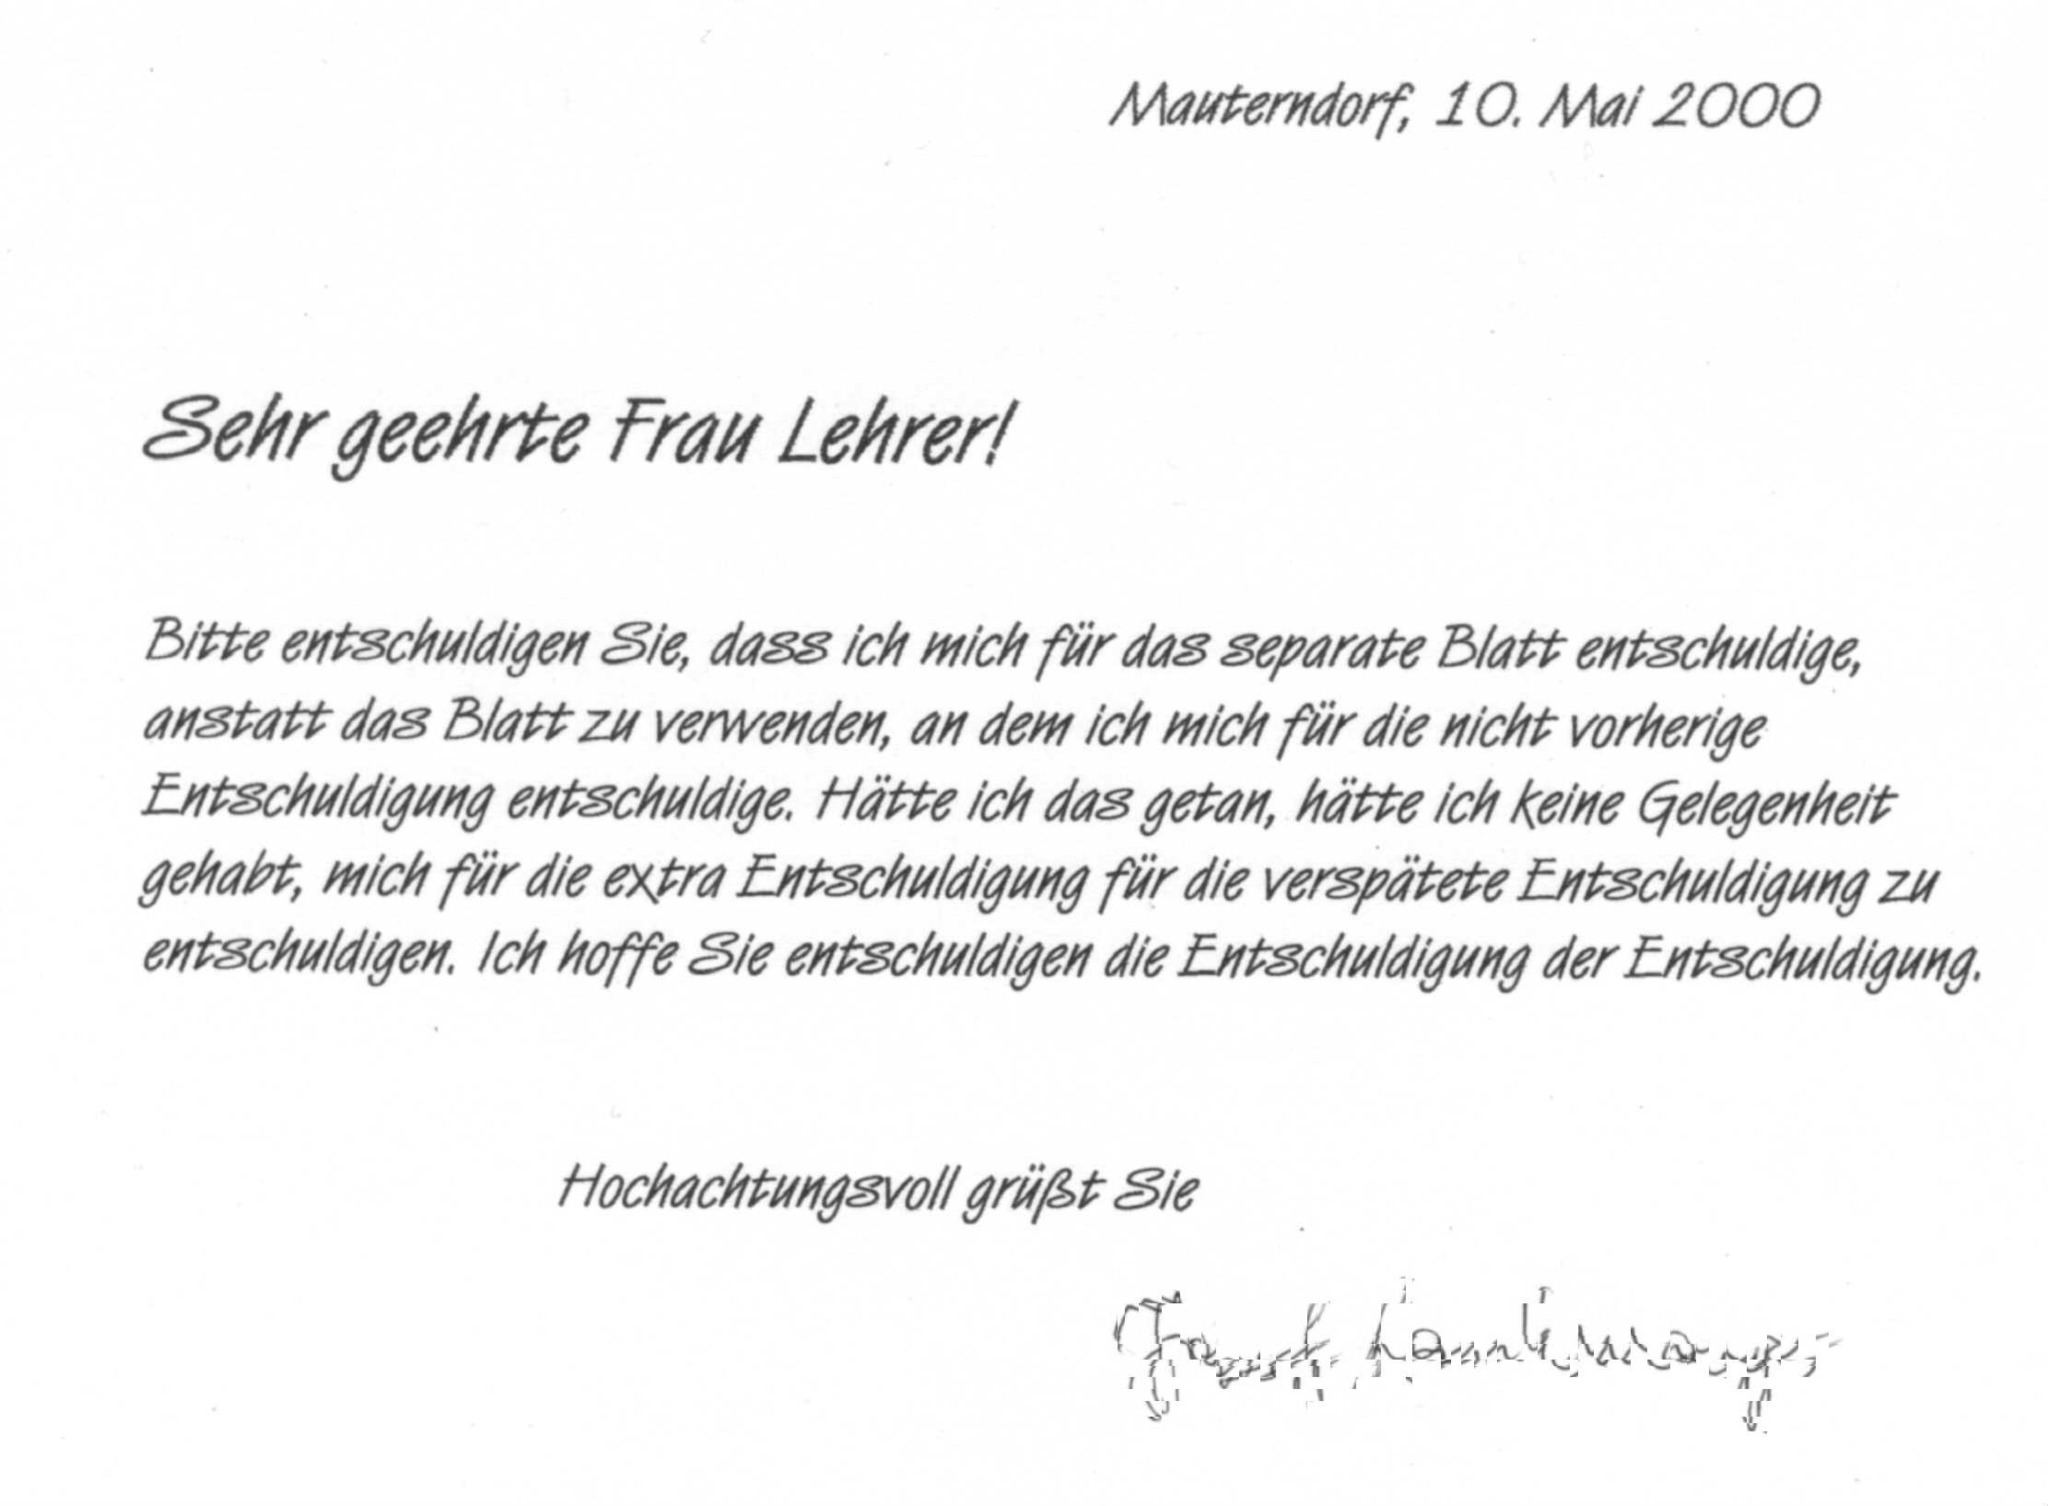 Schreiben lehrerin brief die entschuldigung an Entschuldigungsschreiben